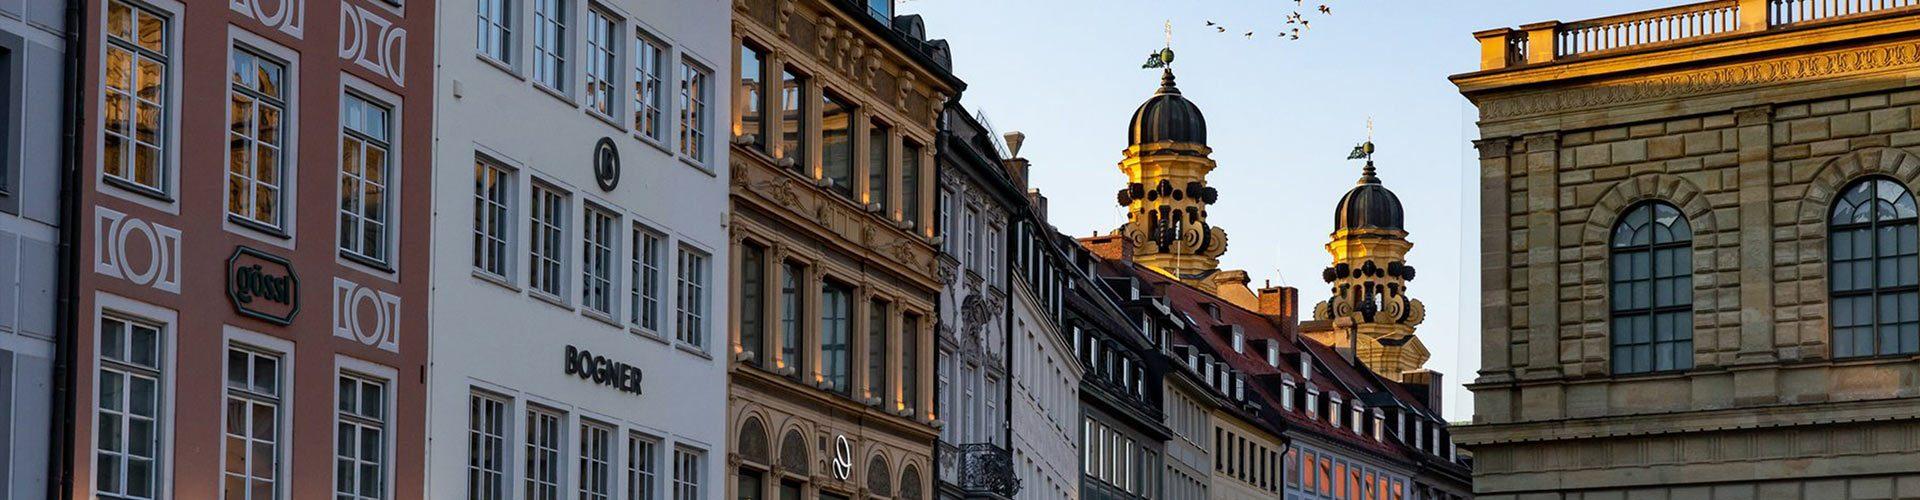 Immobilien München - RITTER Immobilien & Bauträger